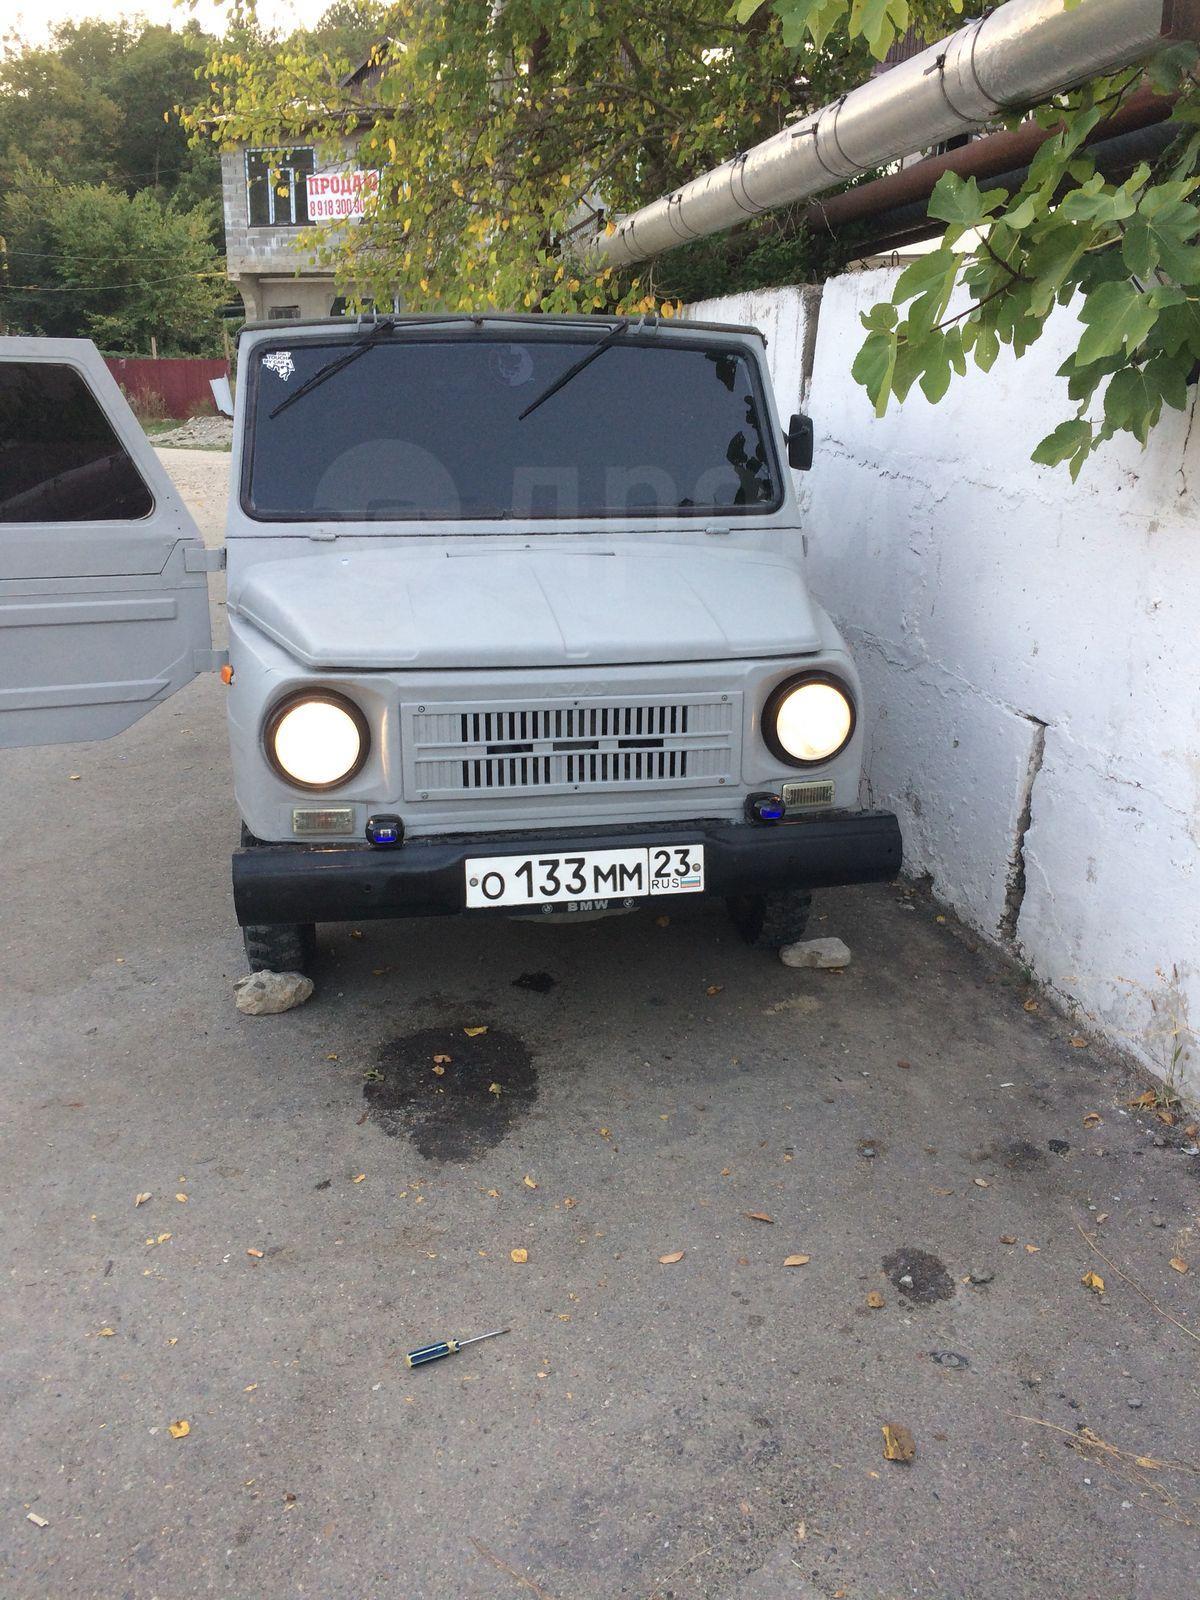 Дром туапсе авто с пробегом частные объявления краснодар.доска бесплатных объявлений